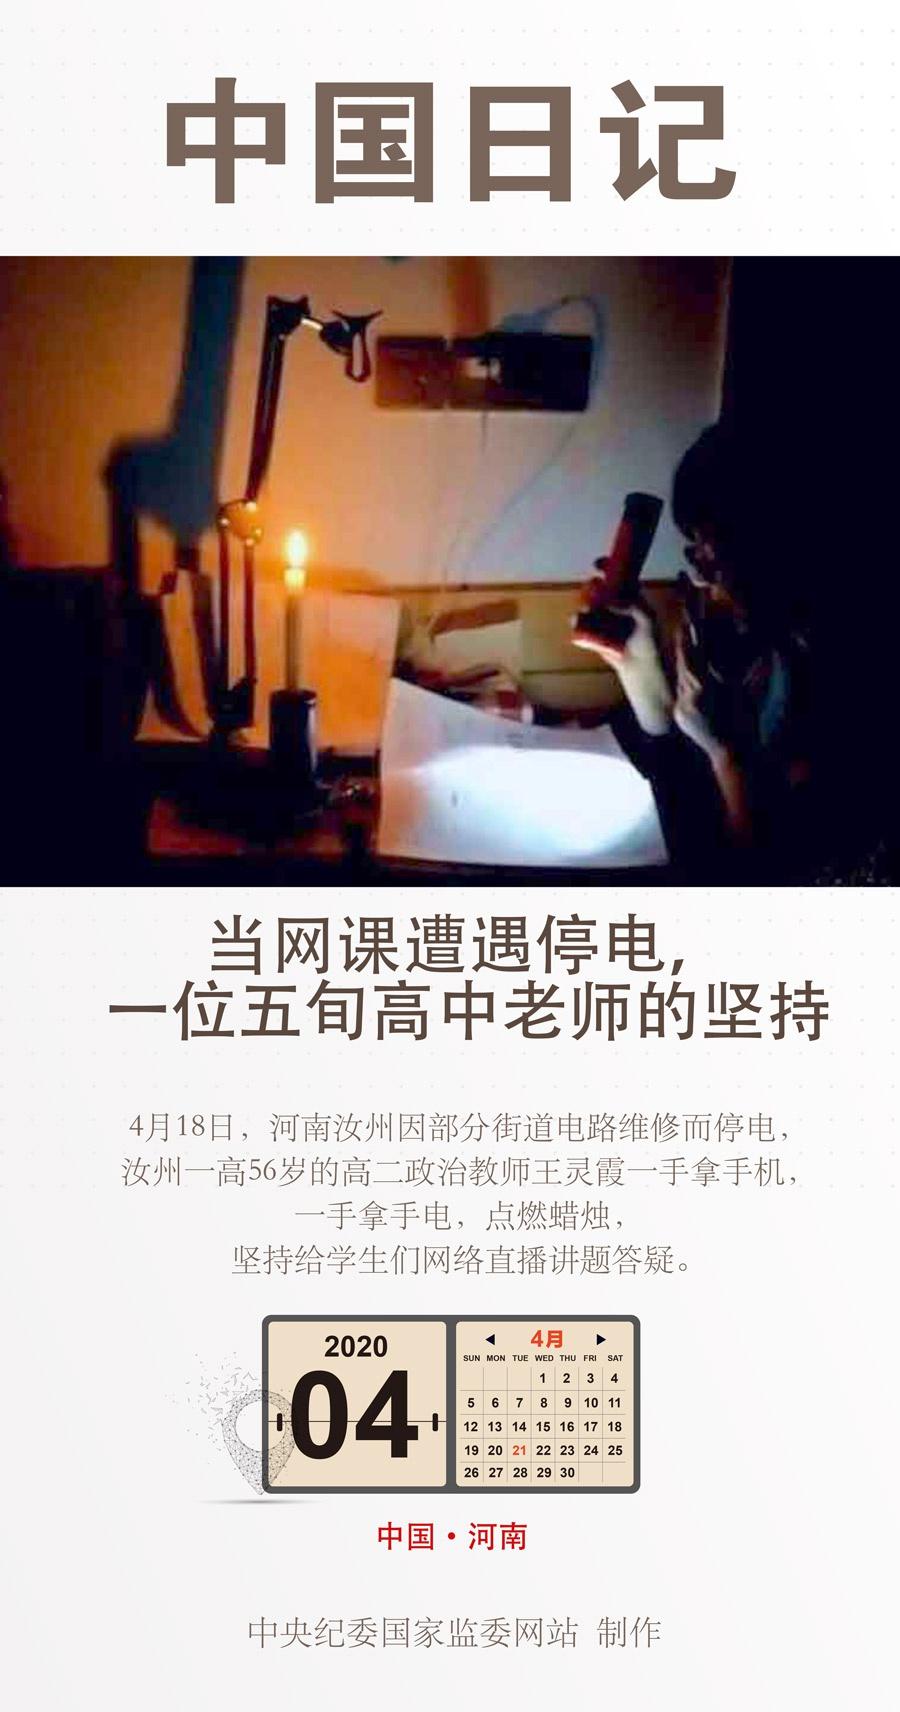 中国日记·4月21日|当网课遭遇停电,一位五旬高中老师的坚持图片